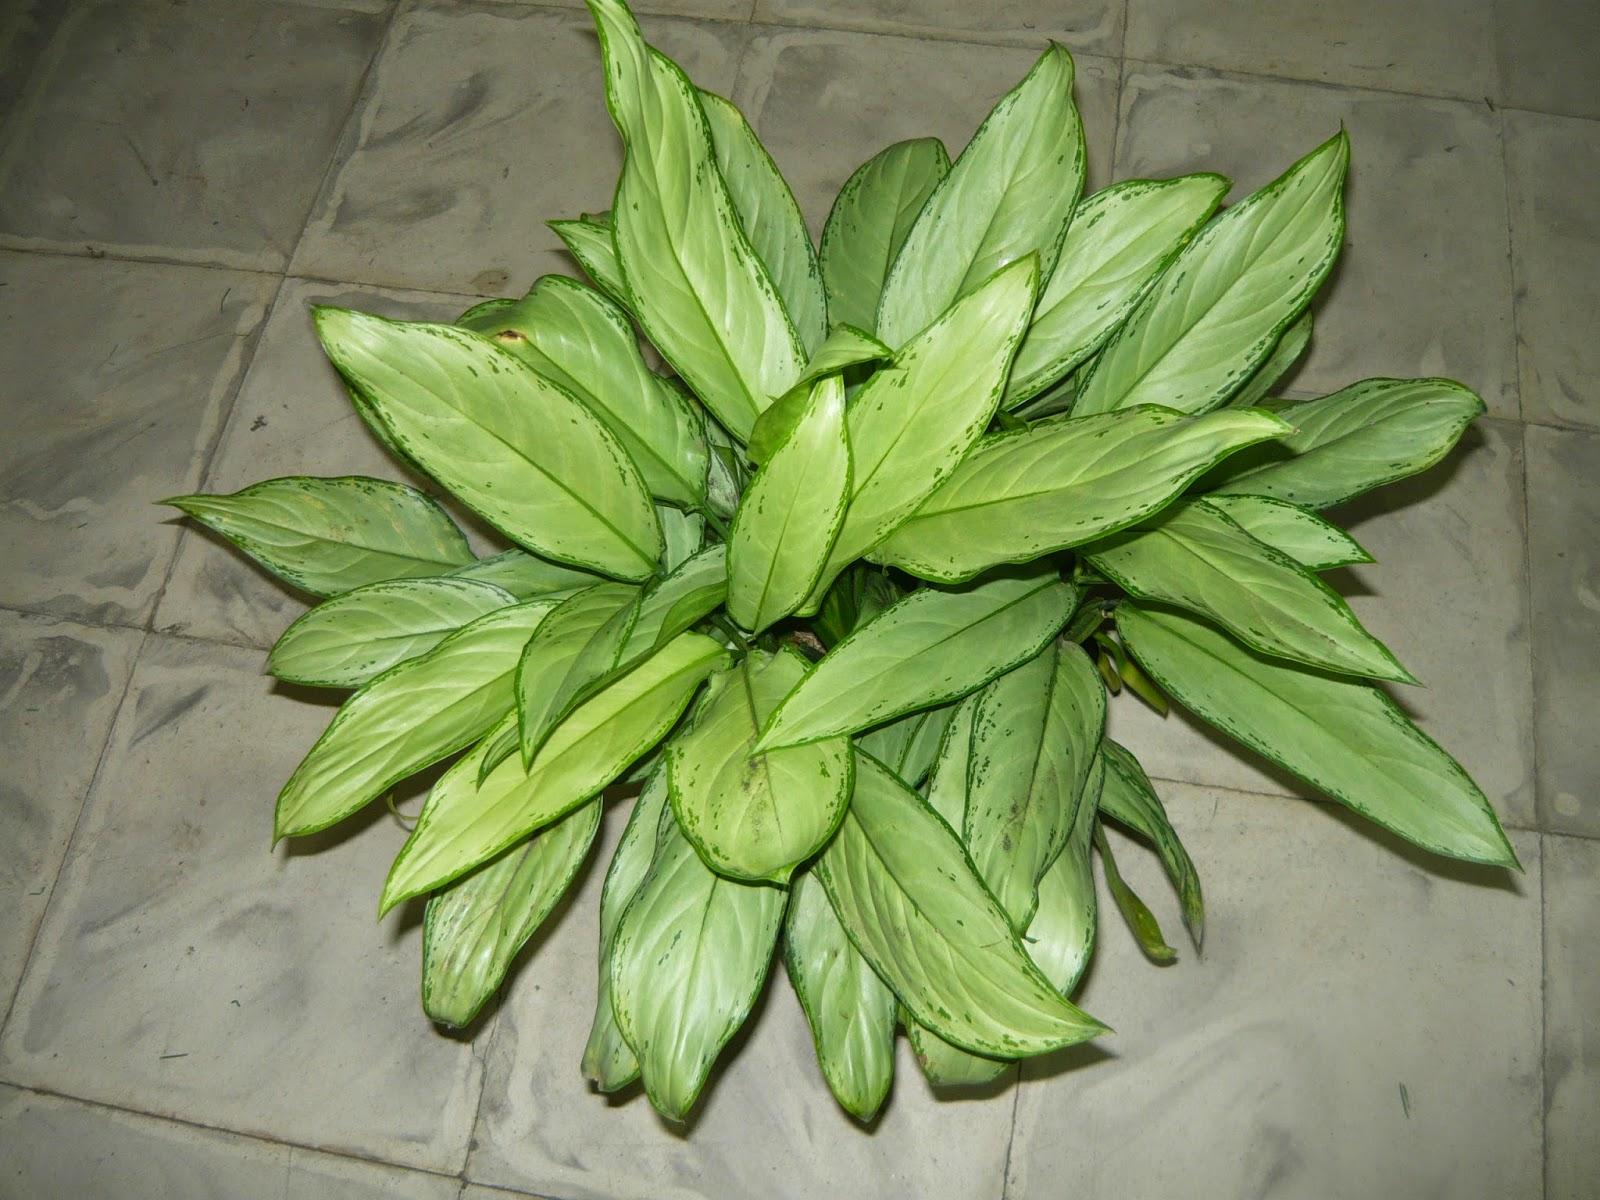 Vivero san francisco plantas ornamentales carrera 46b for Plantas ornamentales croto